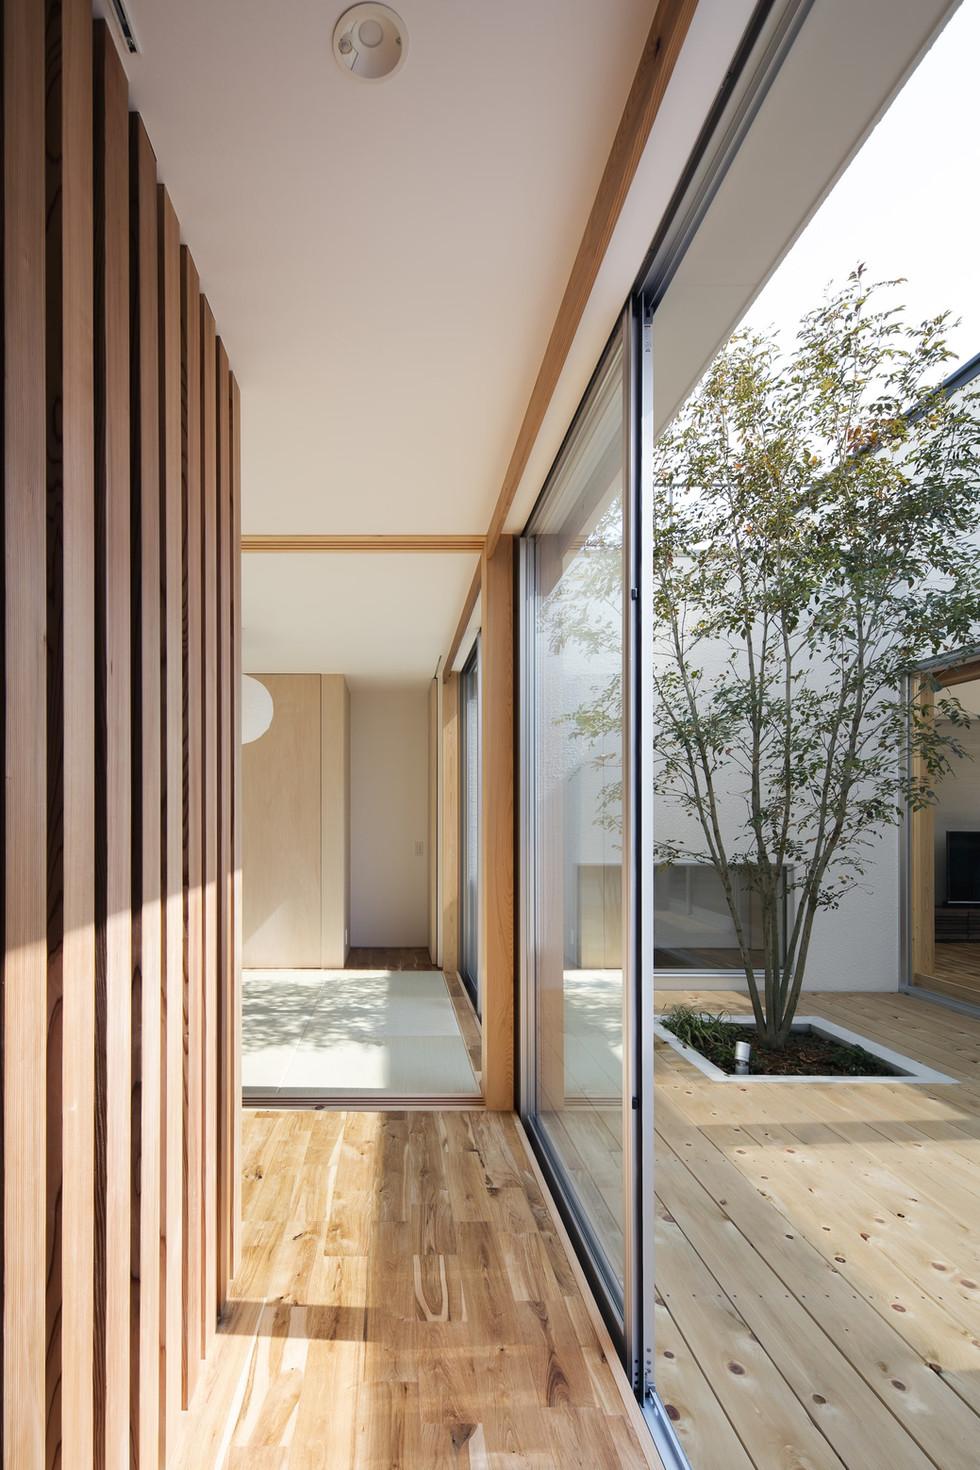 sakai-custom-built-house_2400_09.jpg